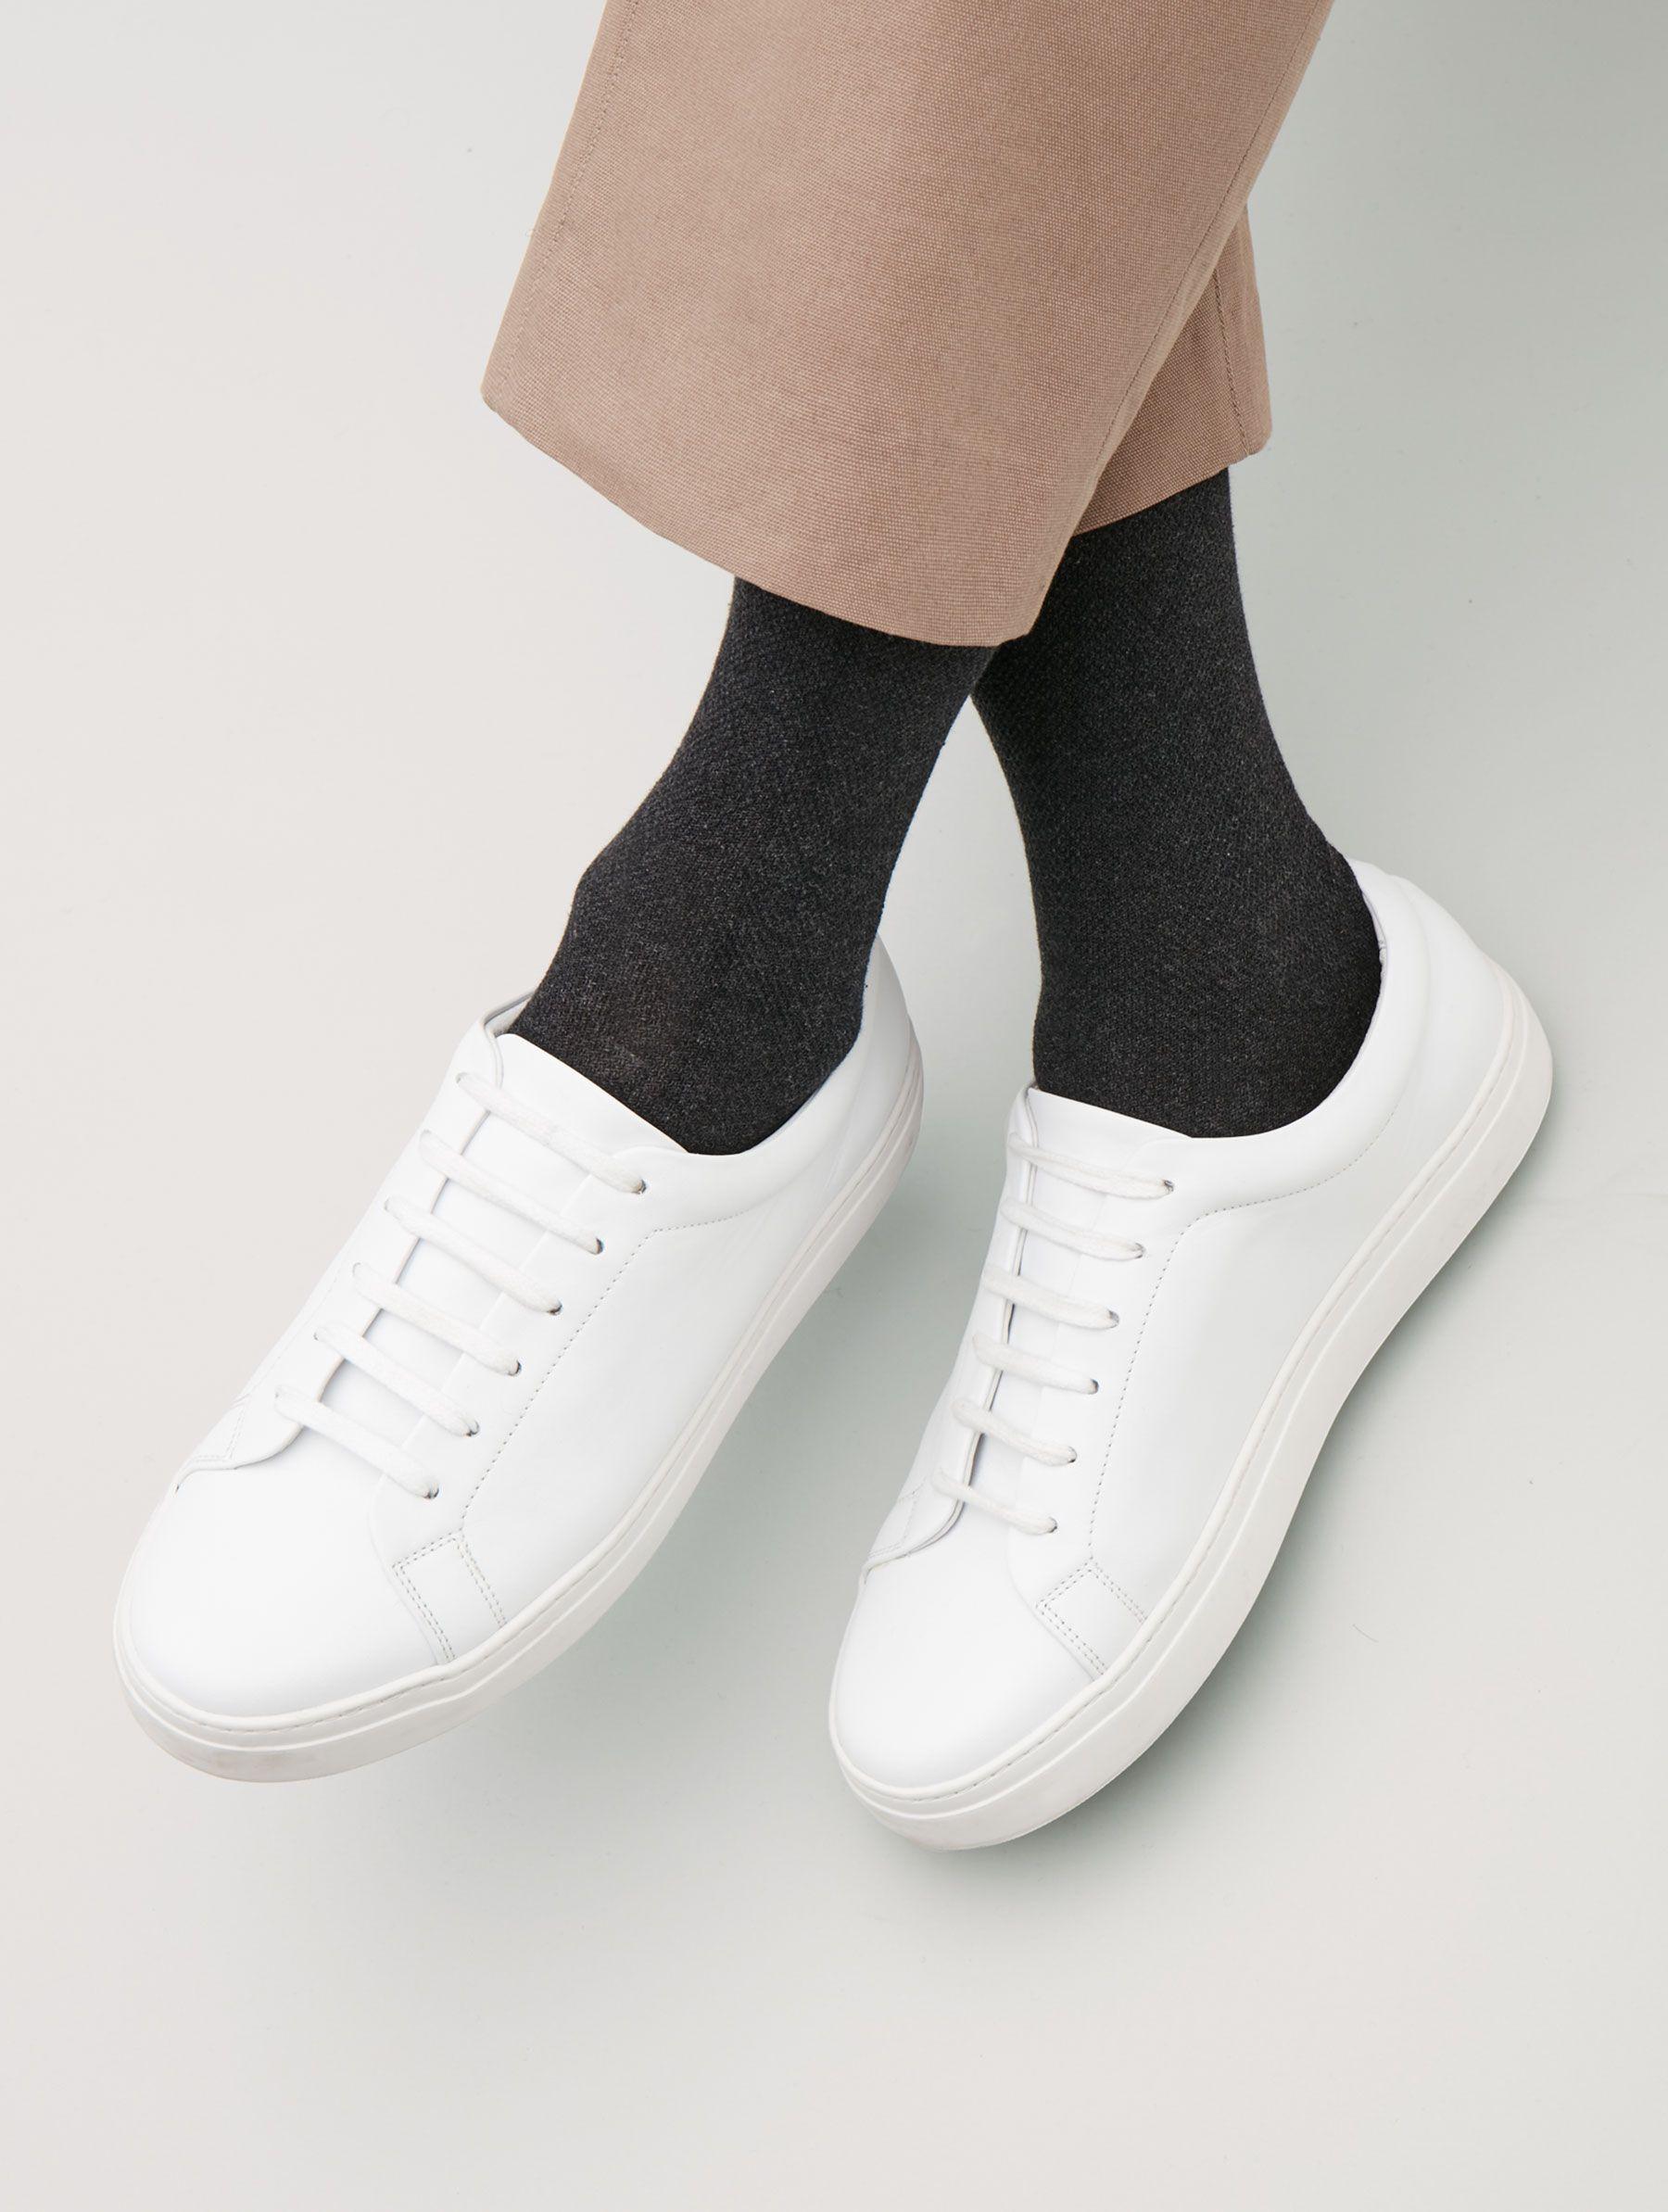 Shoes: sneakers grey grey sneakers minimalist minimalist